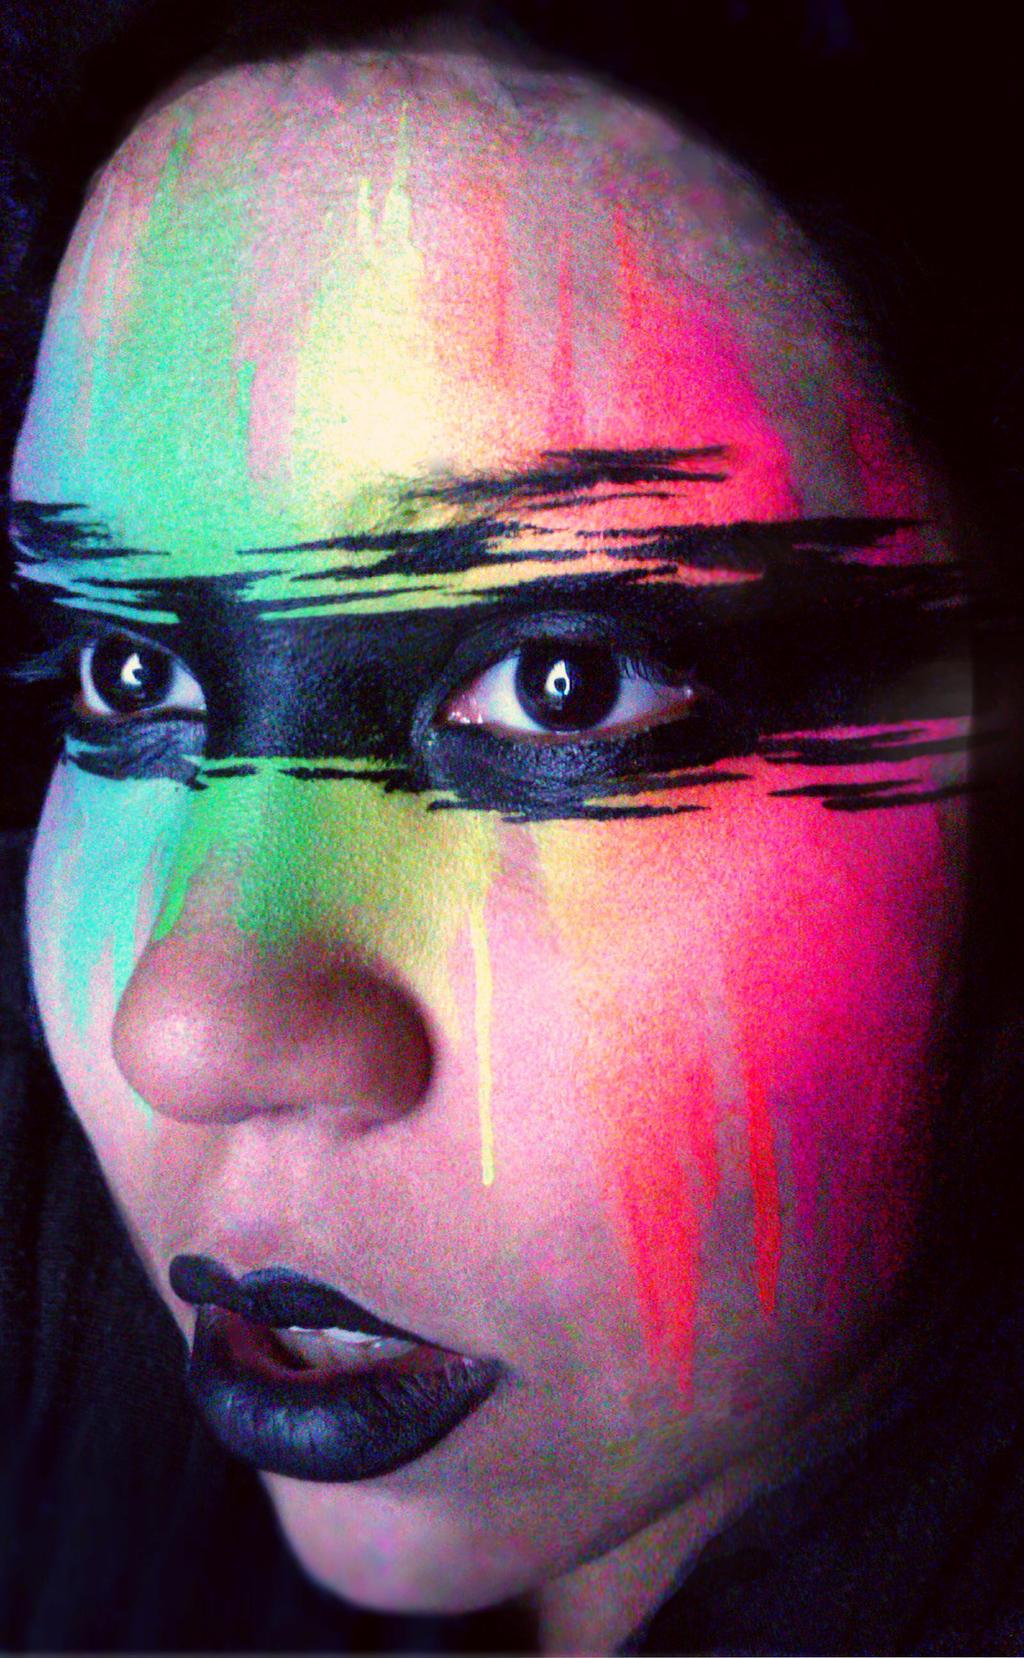 the rainbow Bandit by ARTSIE-FARTSIE-PAINT